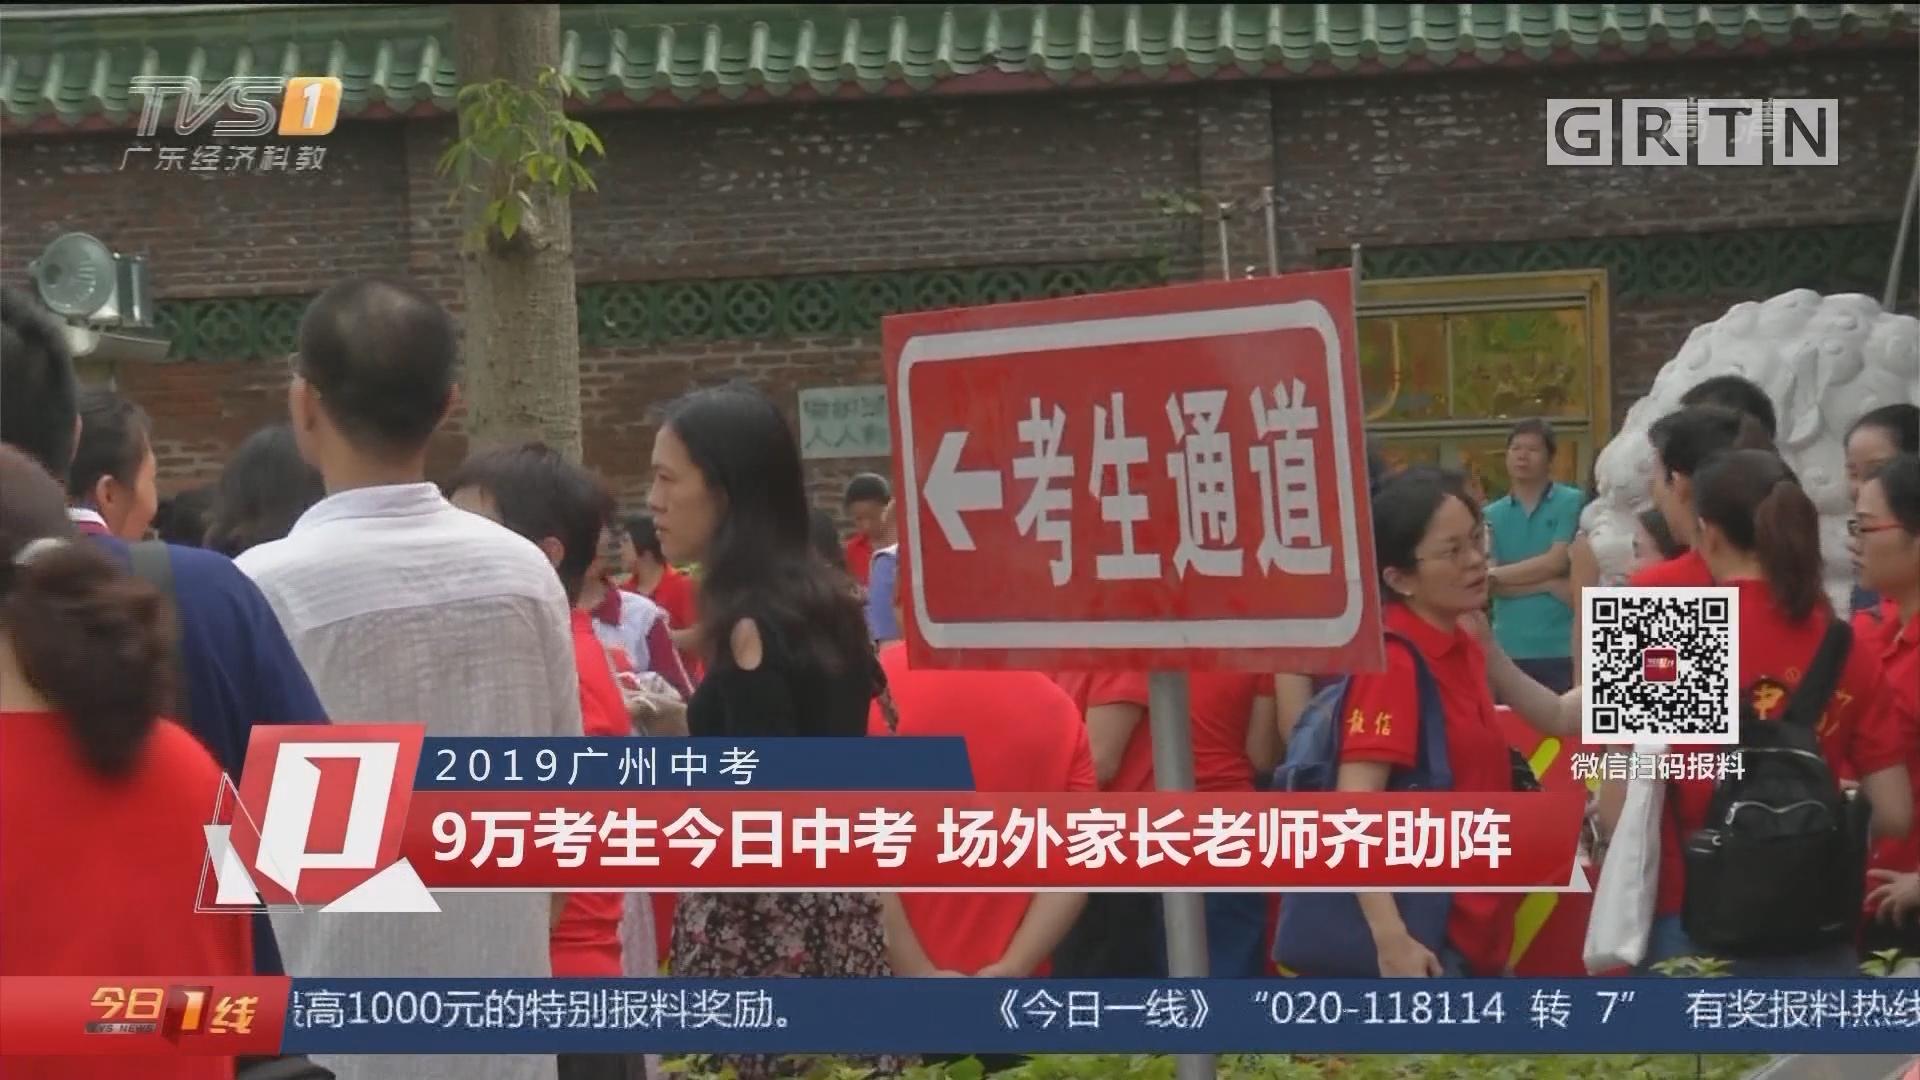 2019广州中考:9万考生今日中考 场外家长老师齐助阵